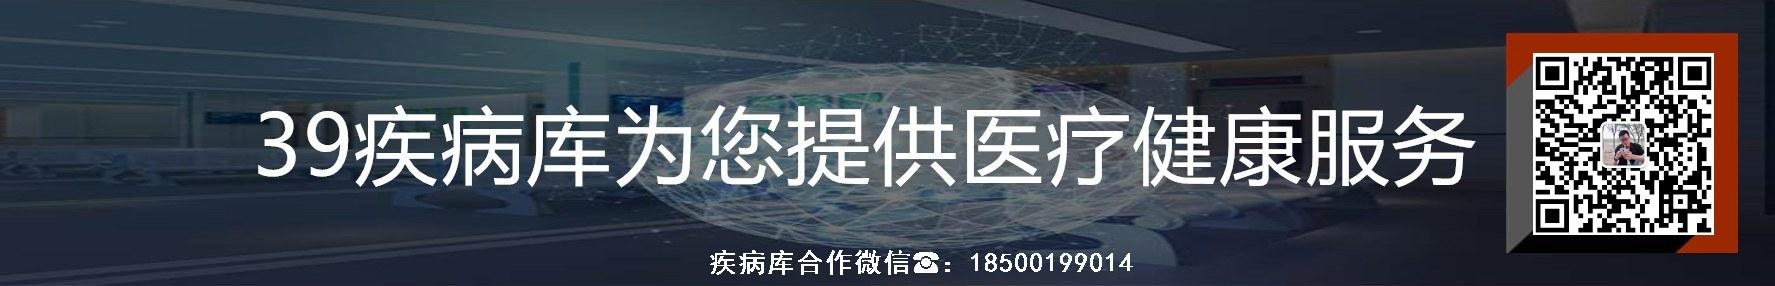 芜湖男科医院